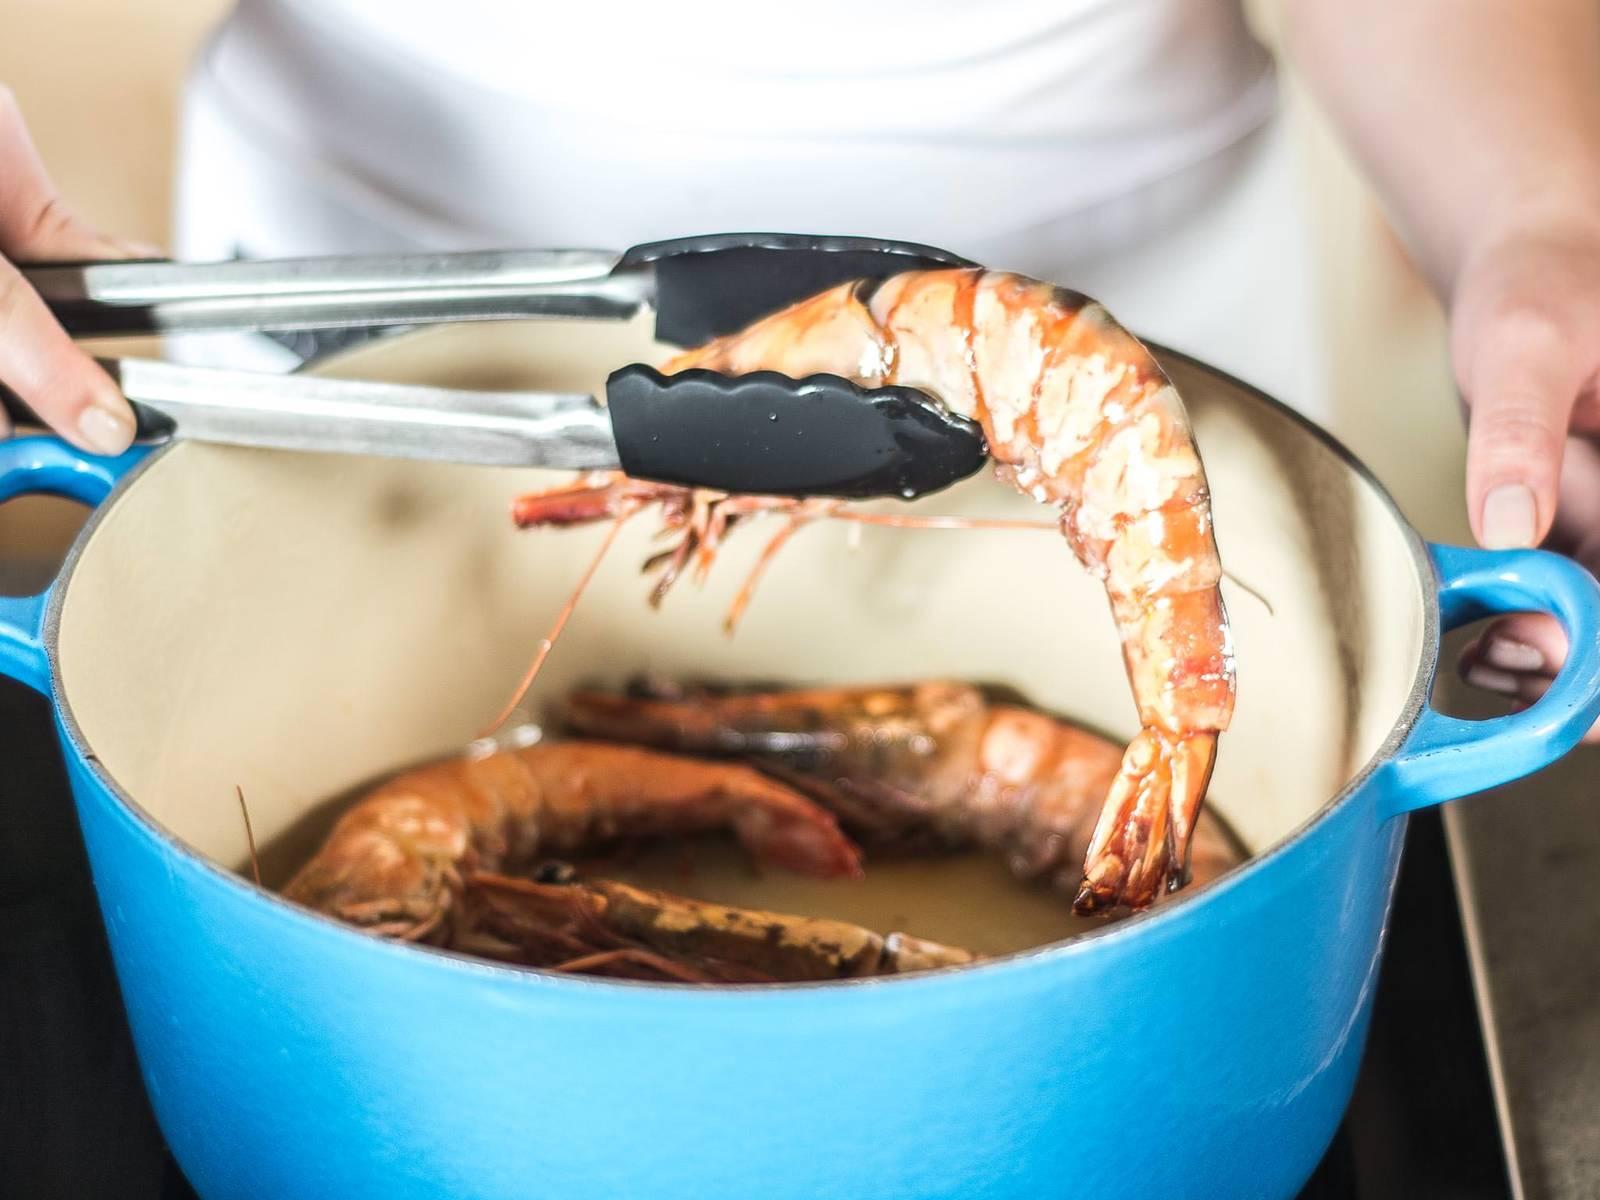 Die Garnelen in einem heißen Topf mit etwas Olivenöl zusammen mit dem grob gehackten Knoblauch scharf anbraten, salzen und pfeffern. Anschließend aus dem Topf nehmen.